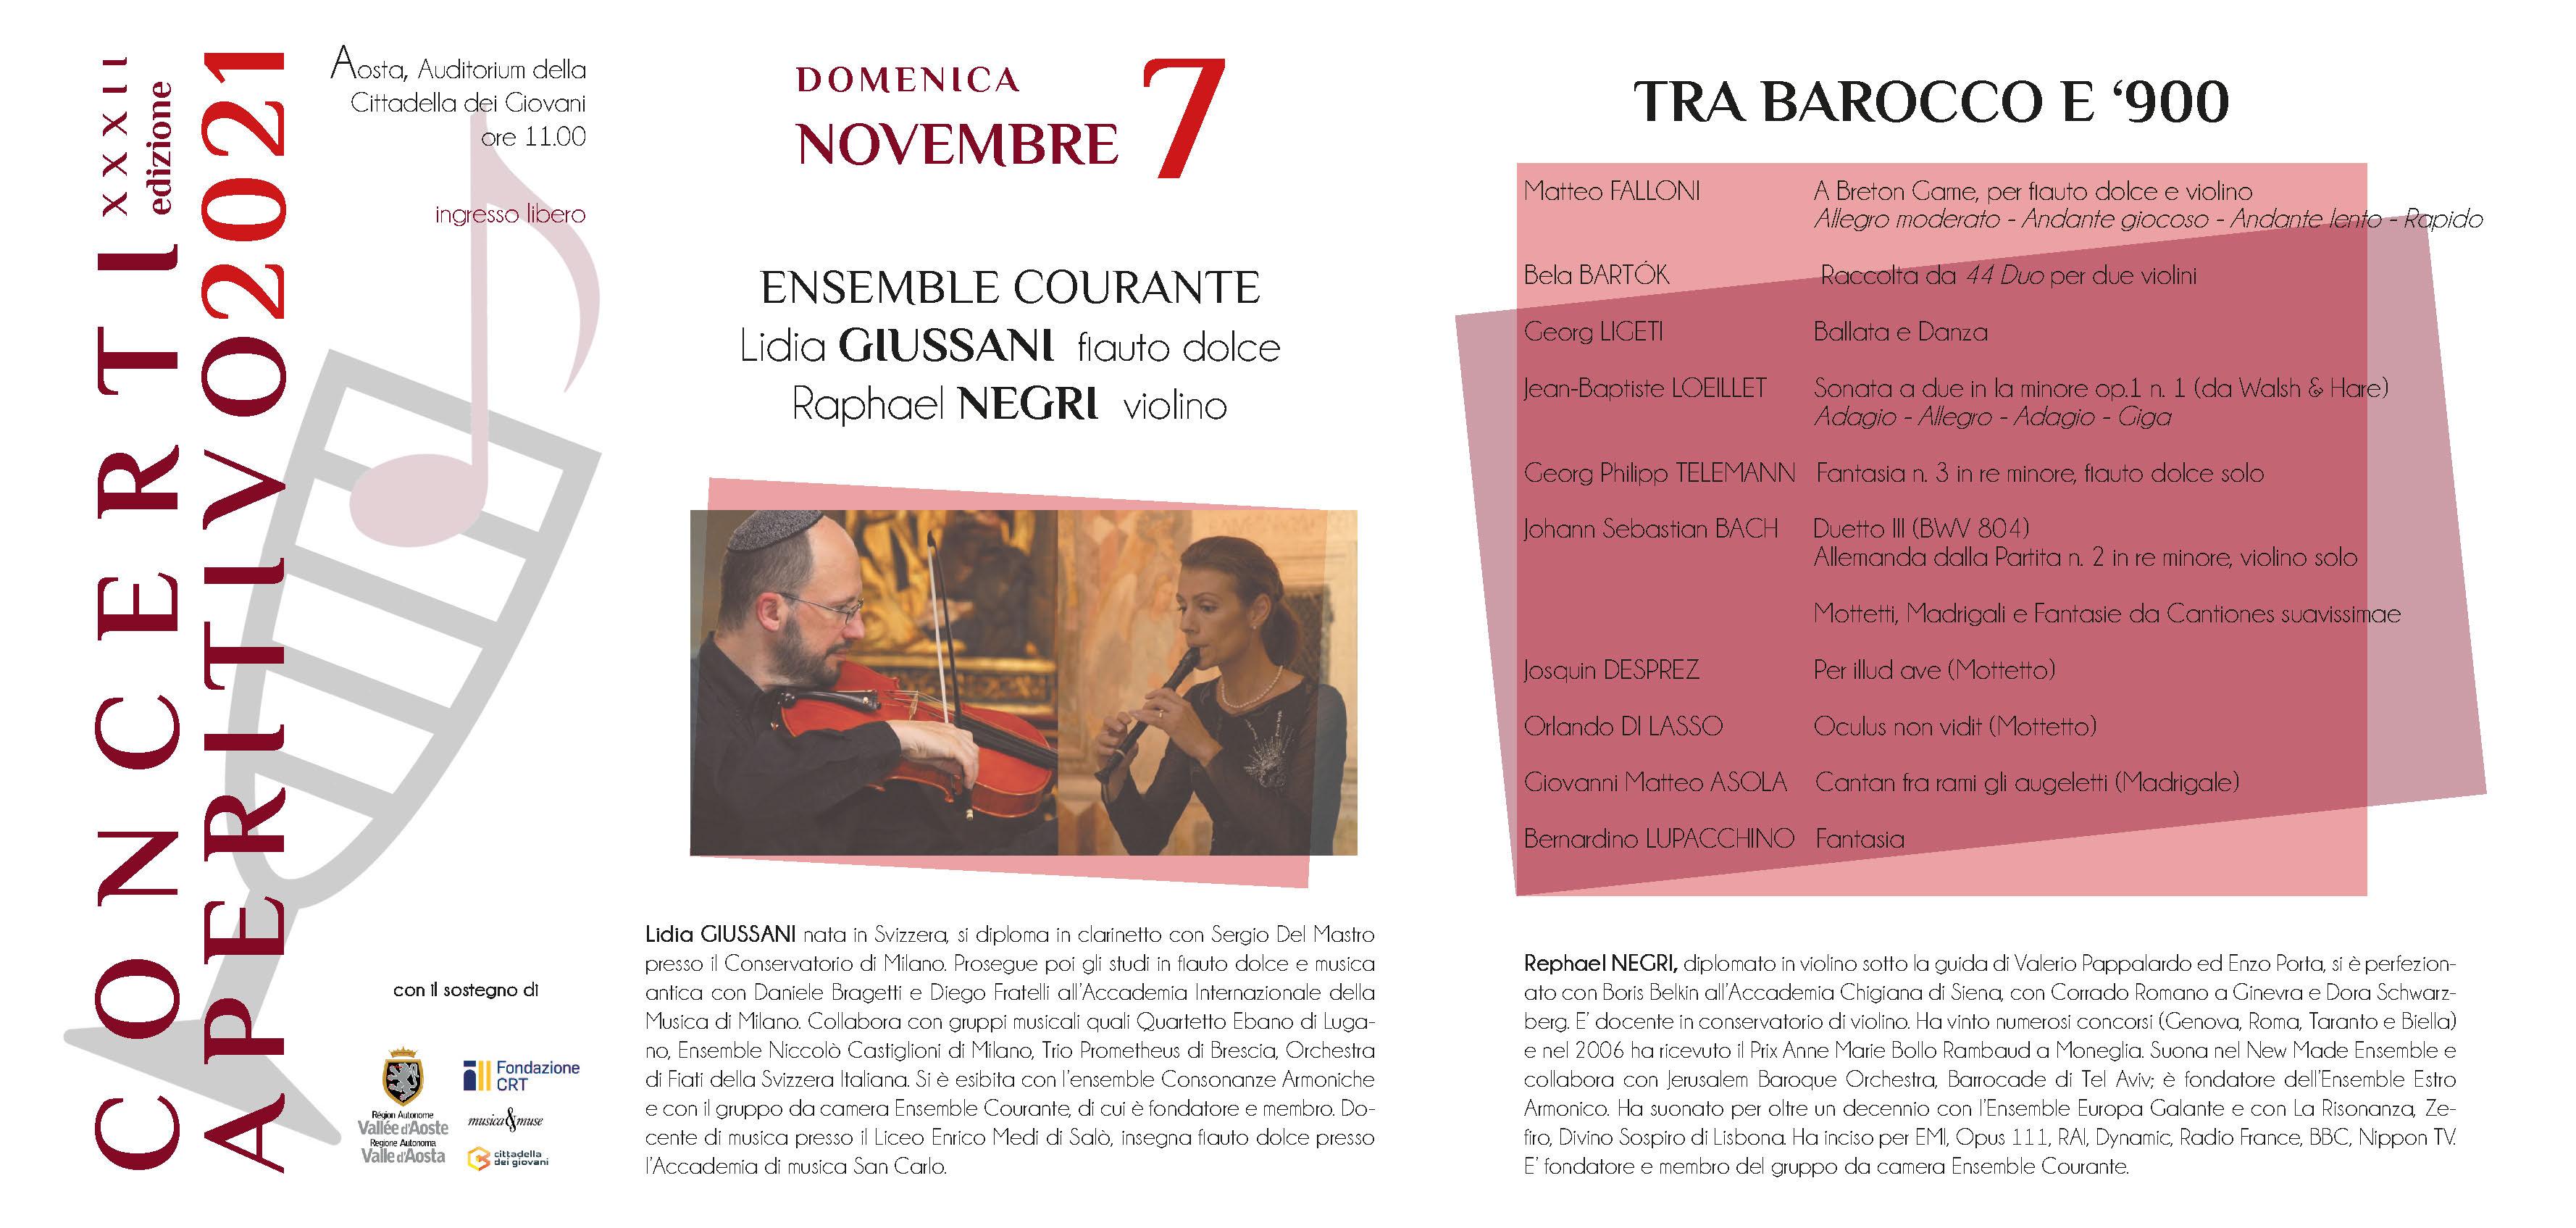 Locandina Concerti Aperitivo - Aosta inverno 2021 terza data